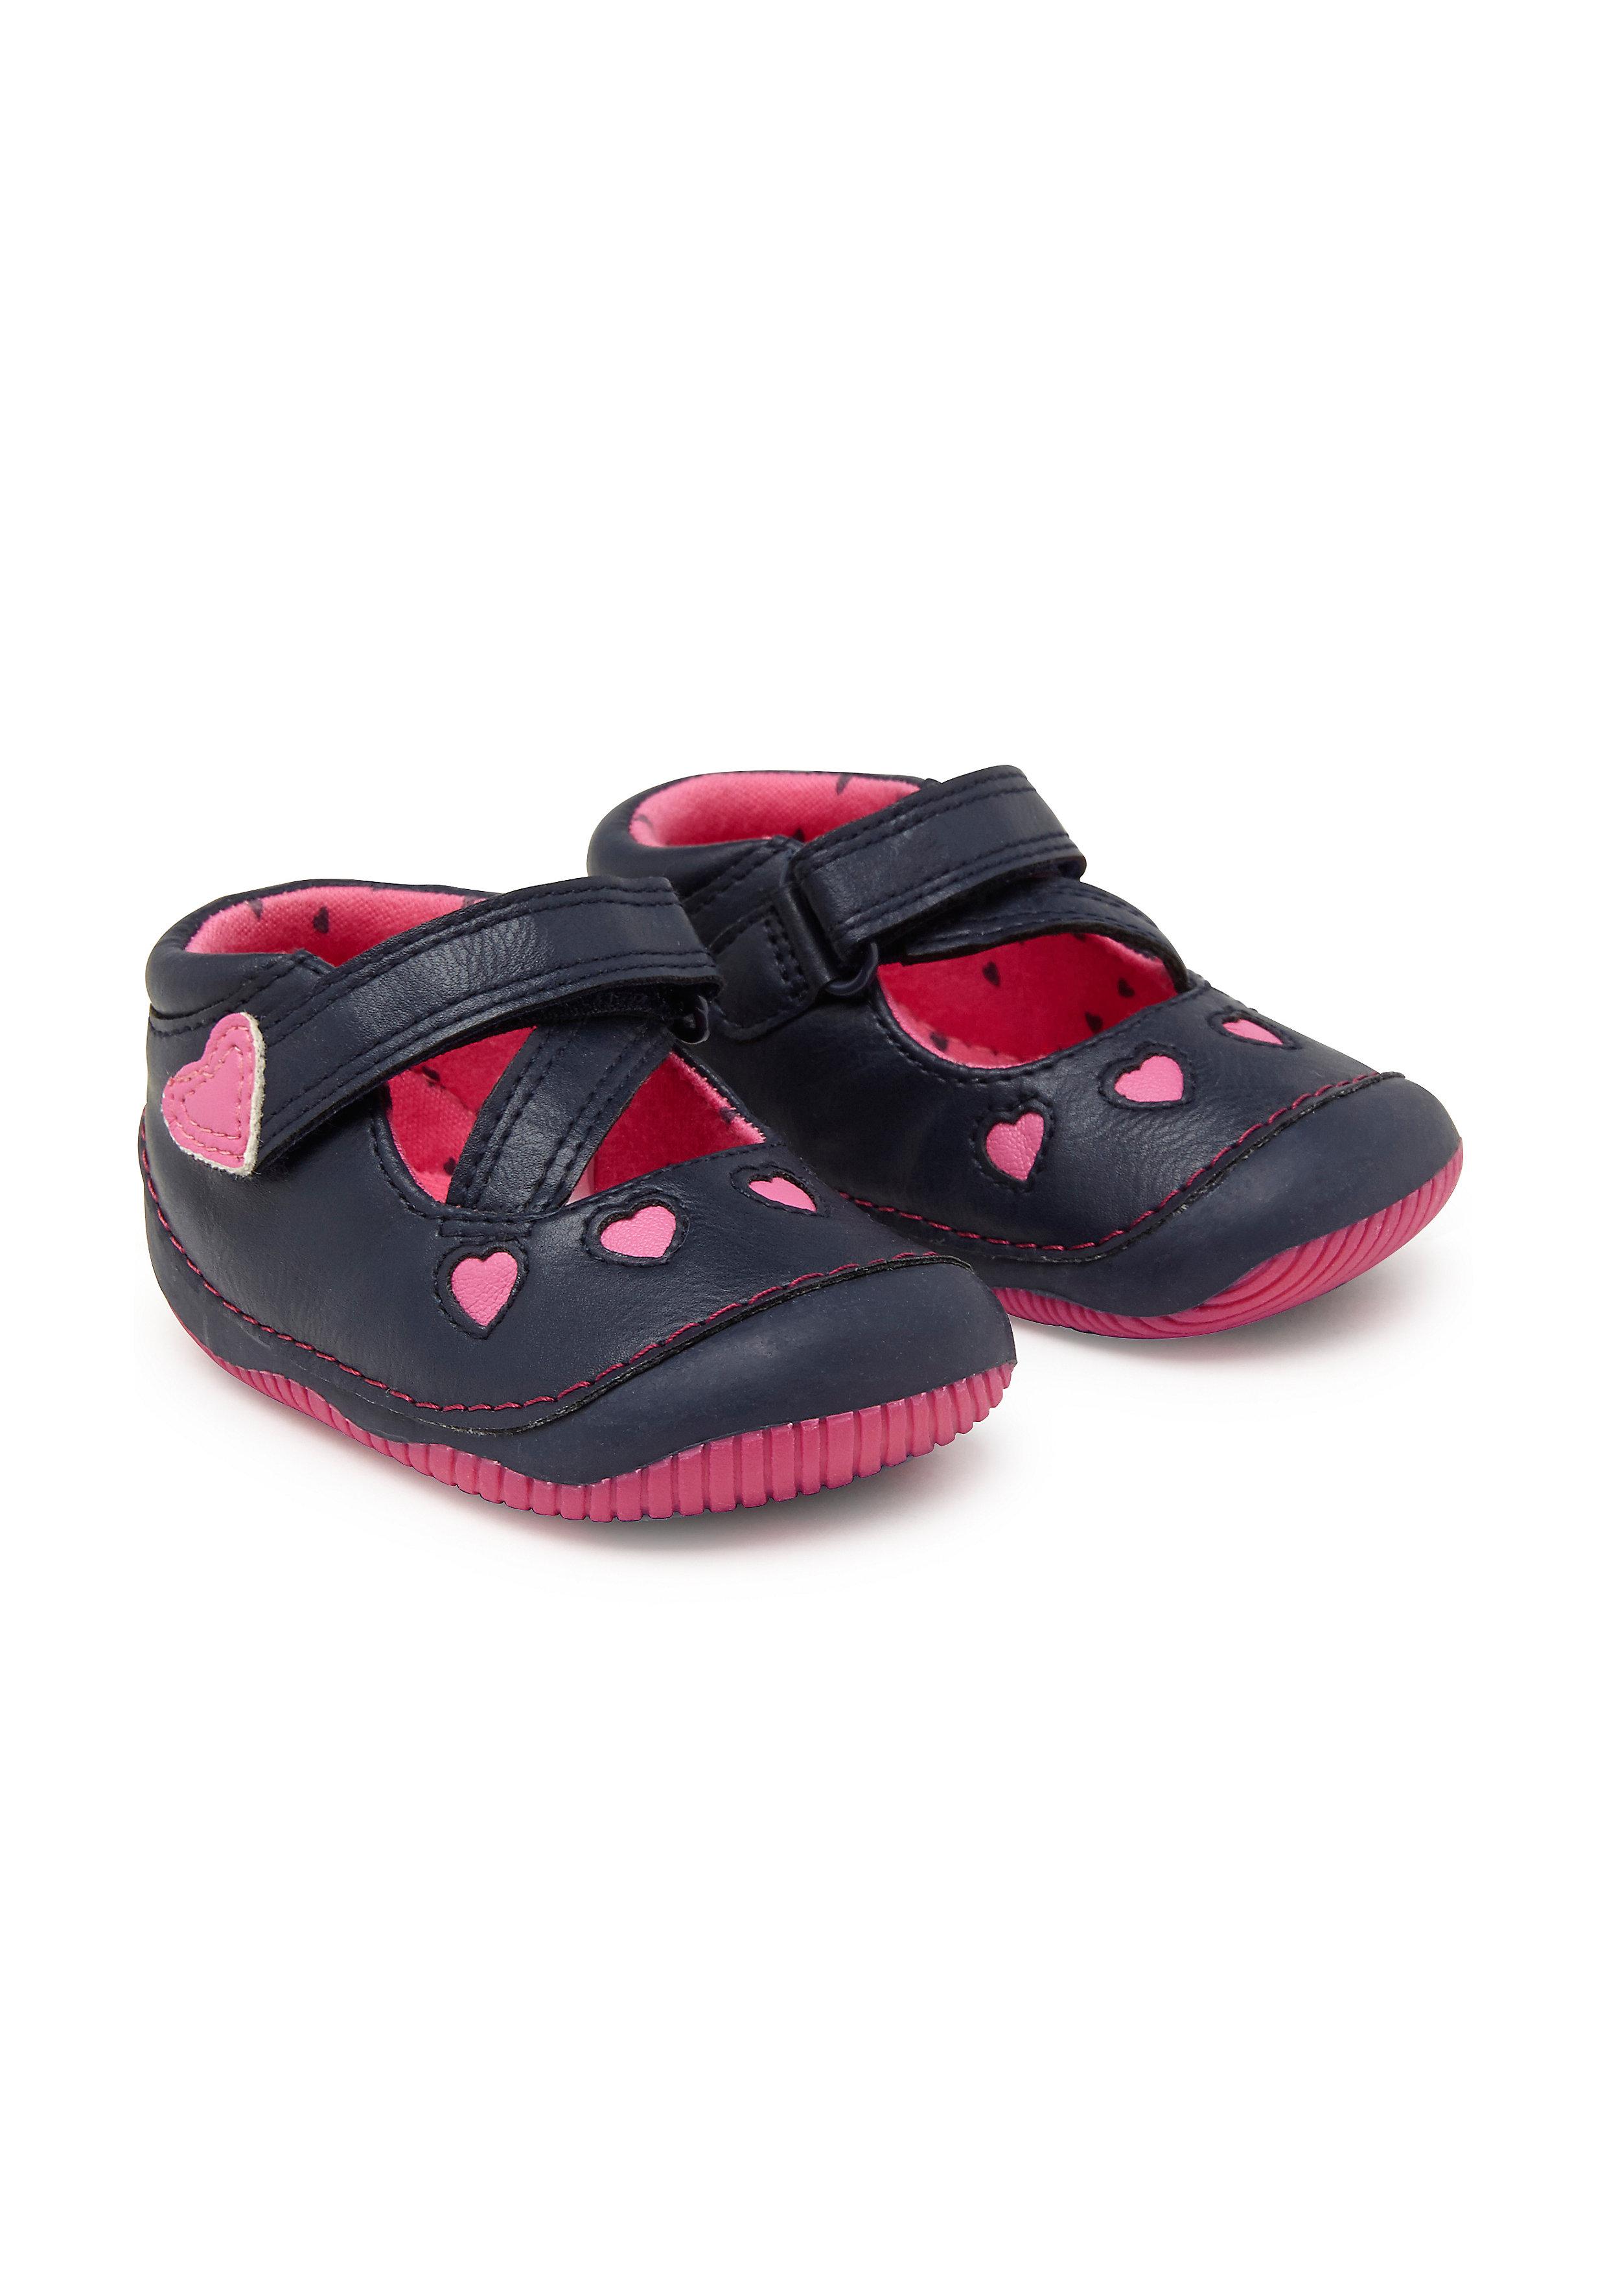 Mothercare | Girls First Walker Shoes Heart Design - Navy